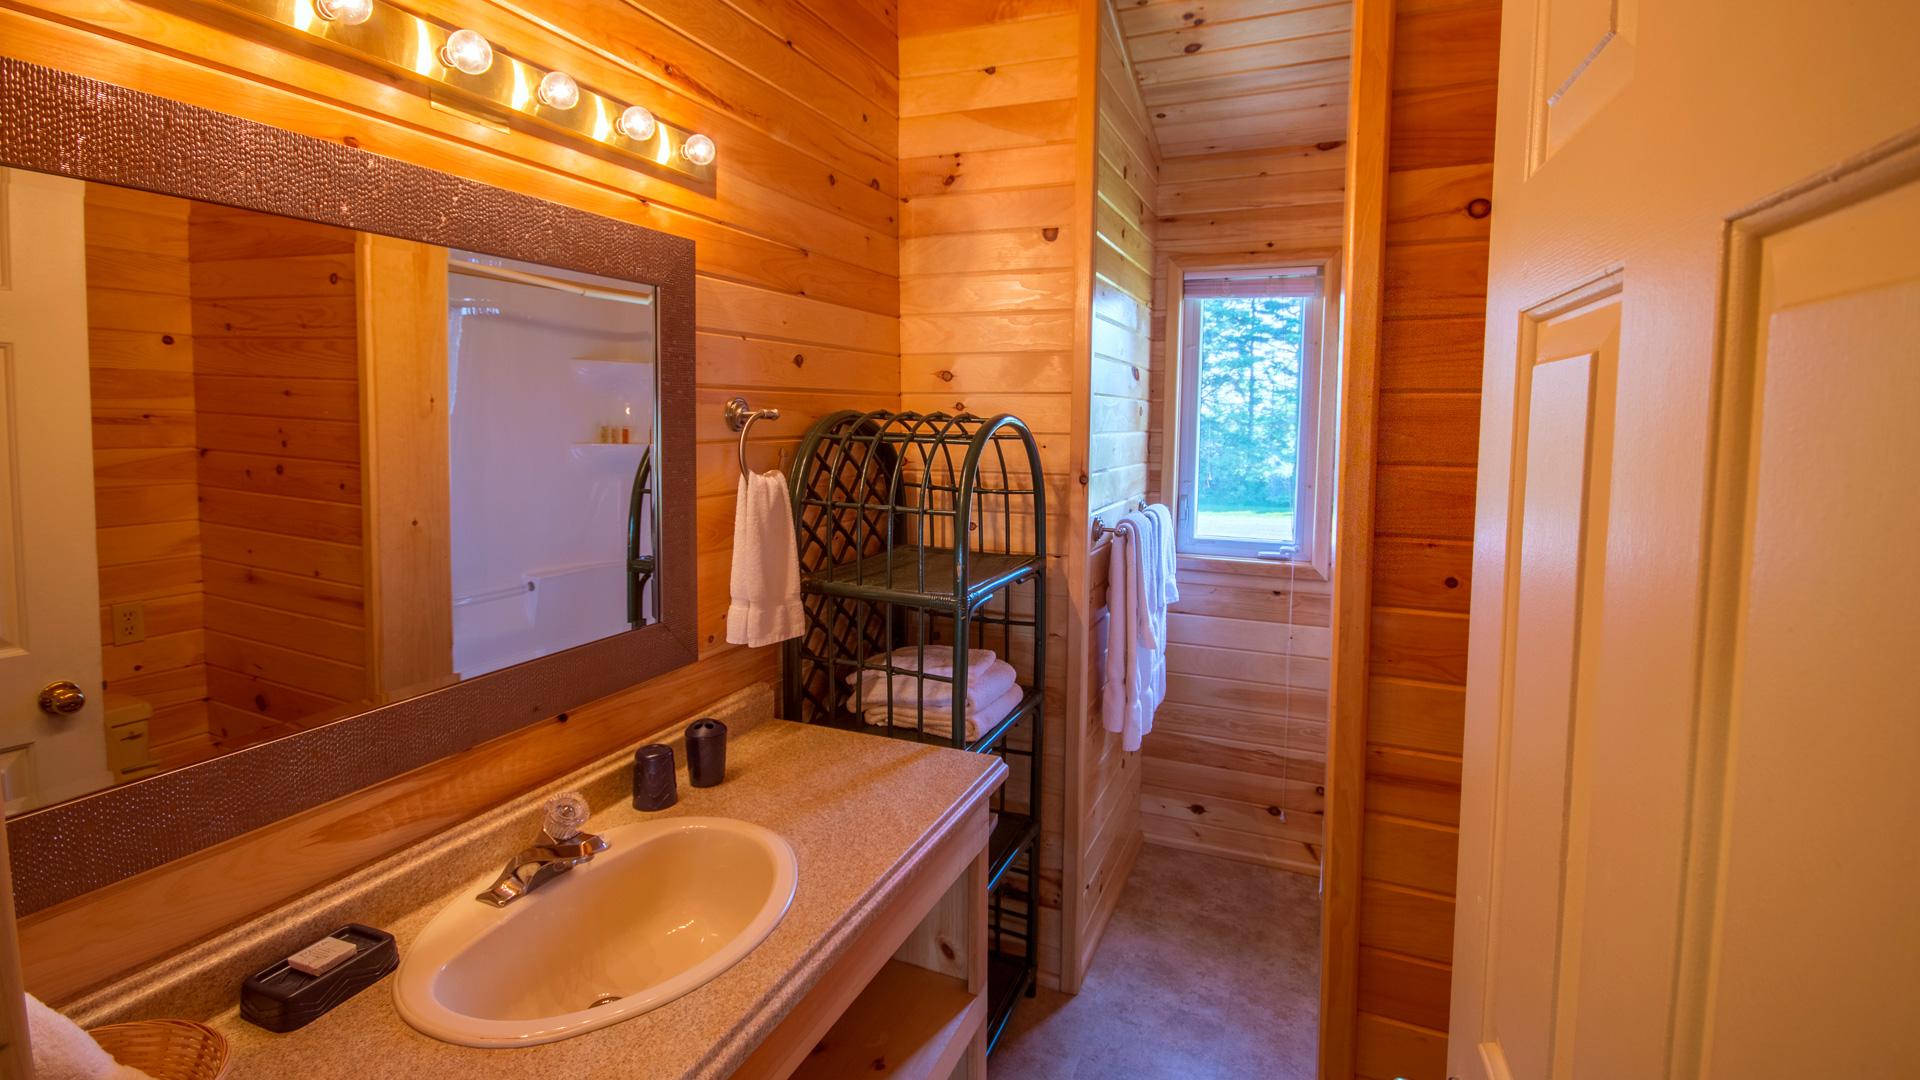 4 Bedroom-Bathroom #2